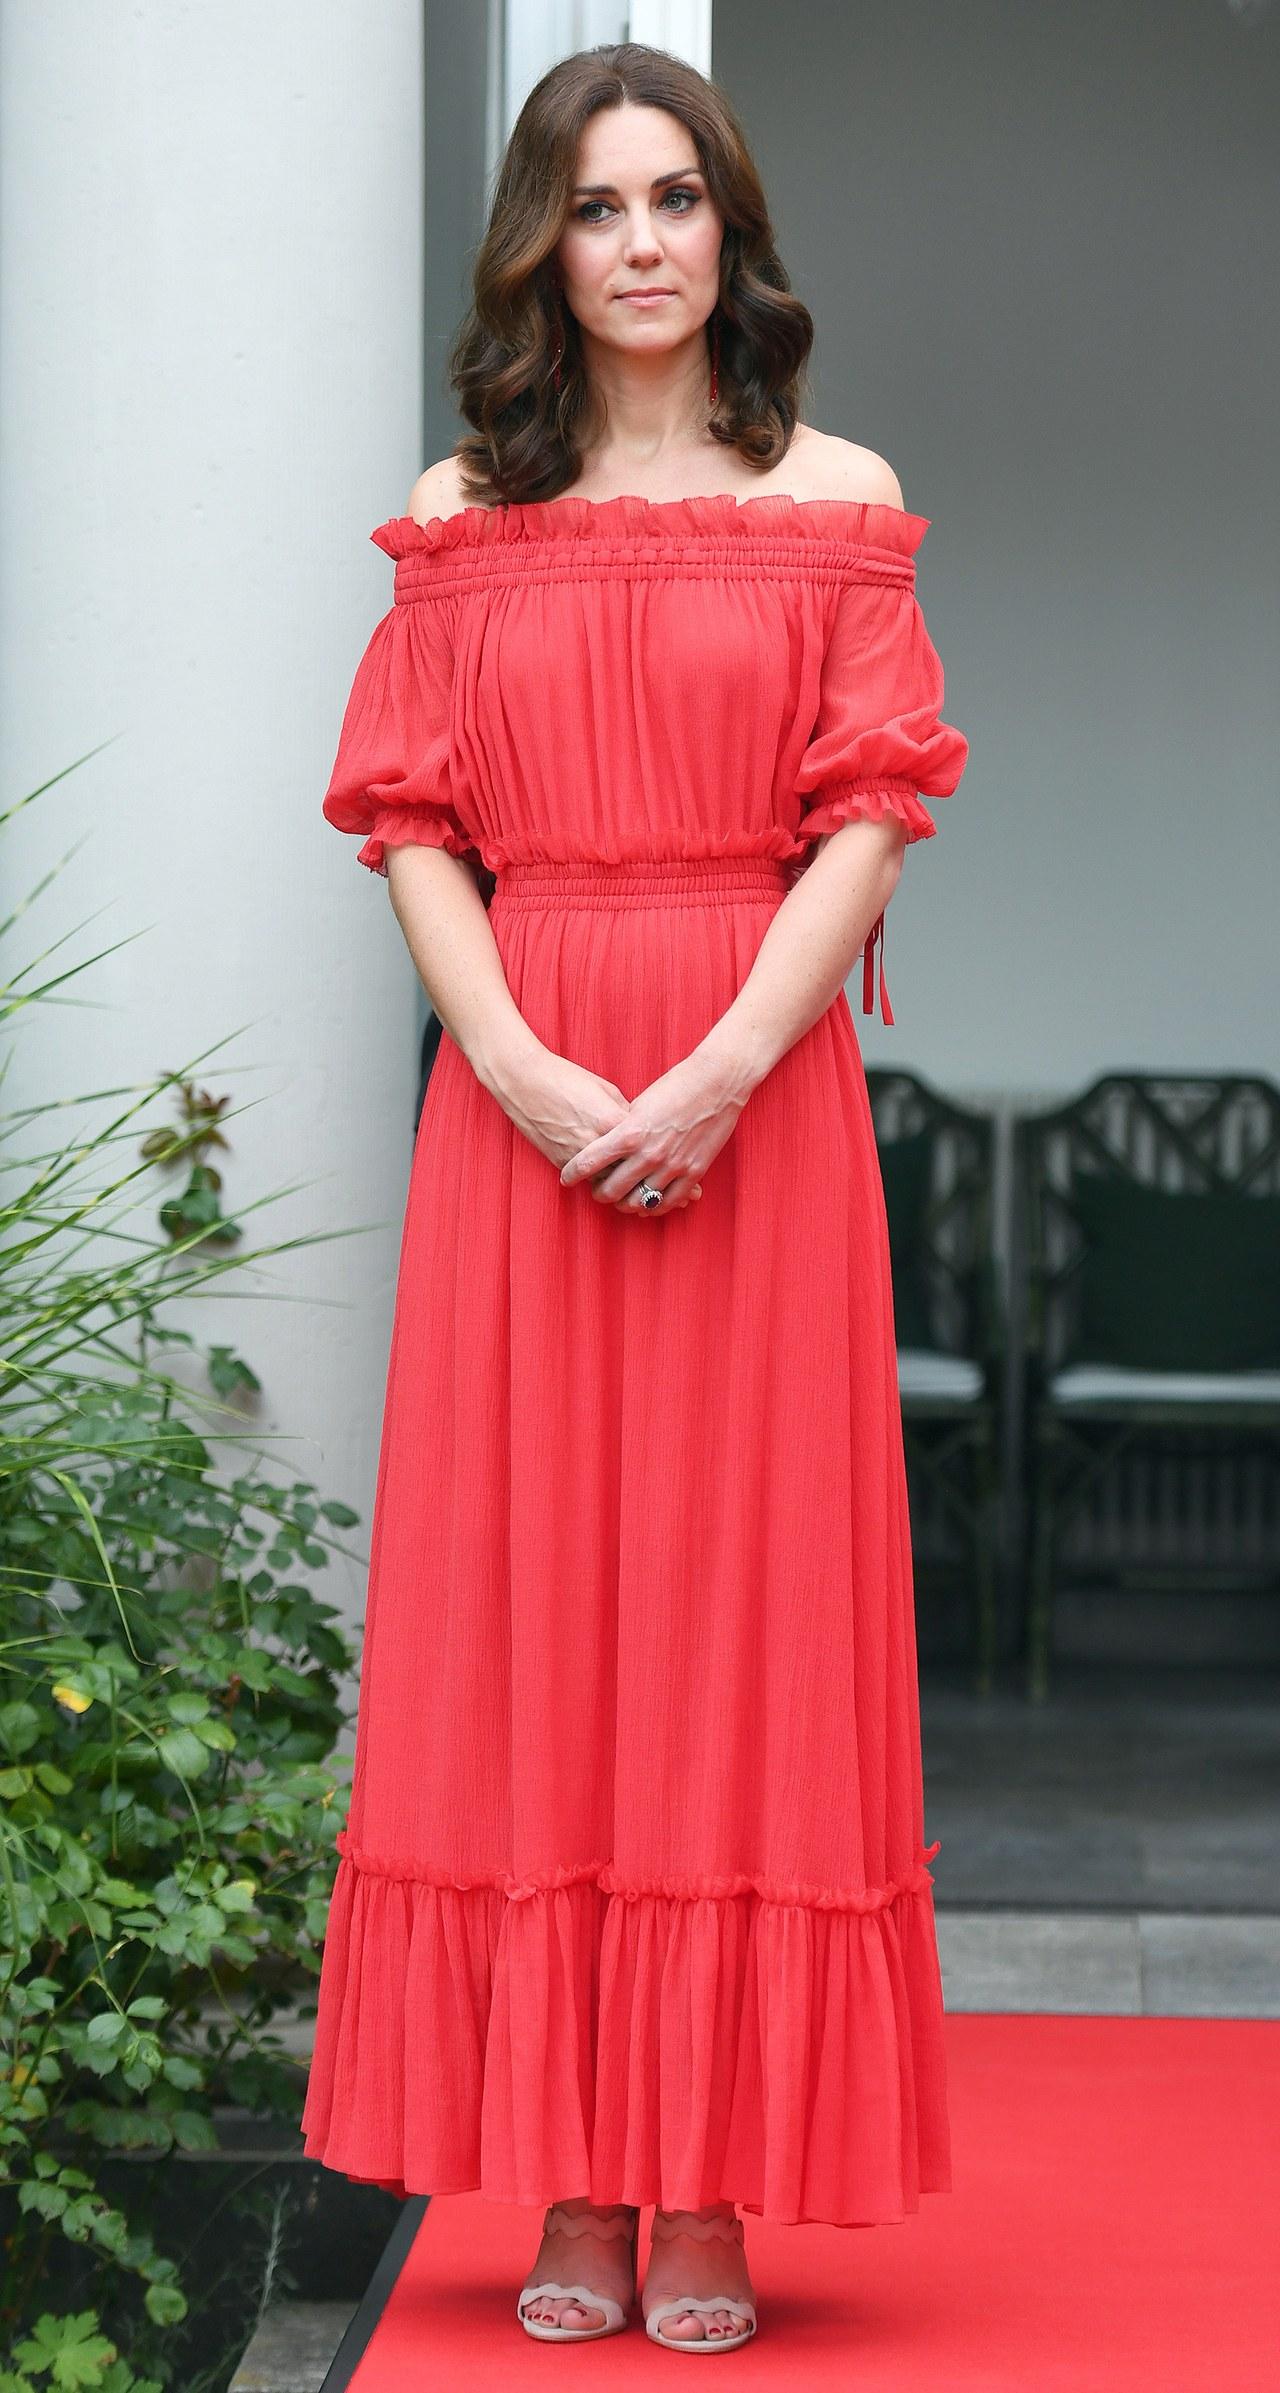 Thời trang công nương Kate Middleton 1